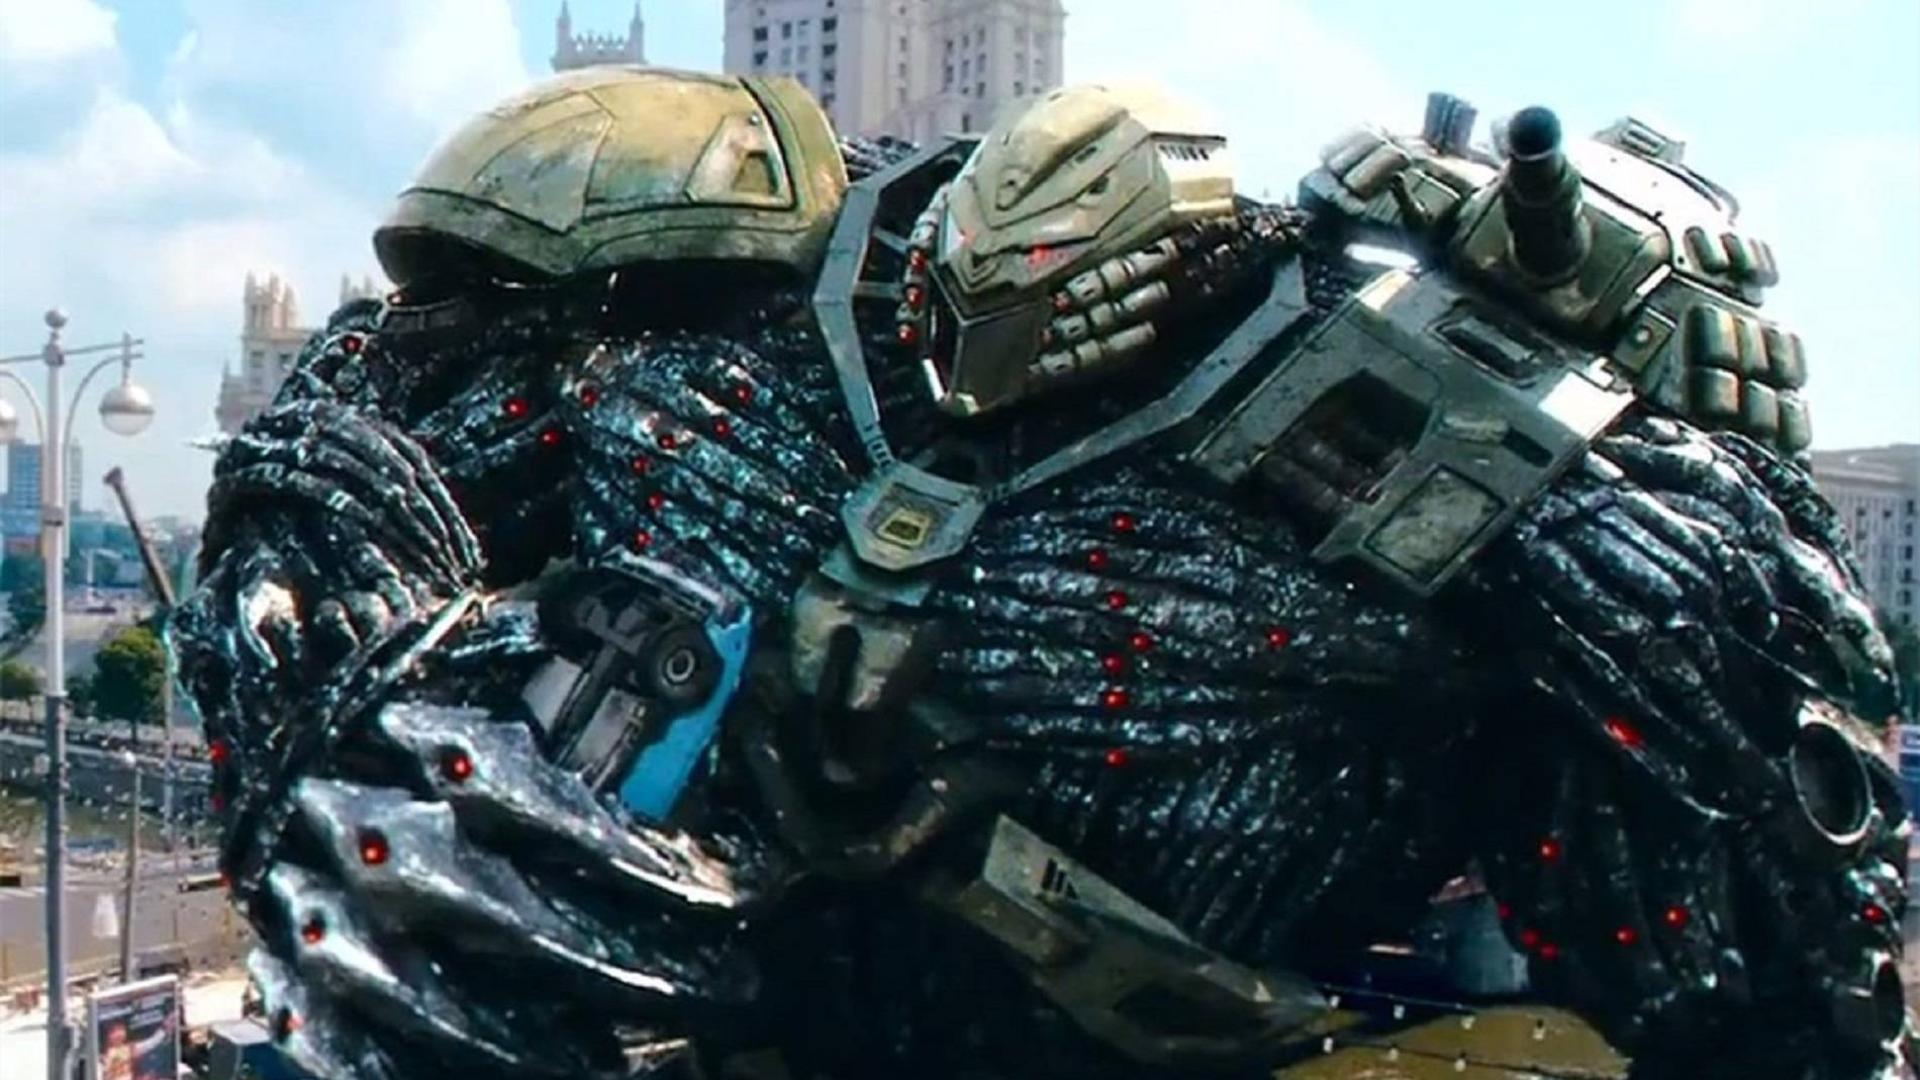 俄式暴力美学战争科幻片,超巨型机器人破坏城市,看的人热血沸腾